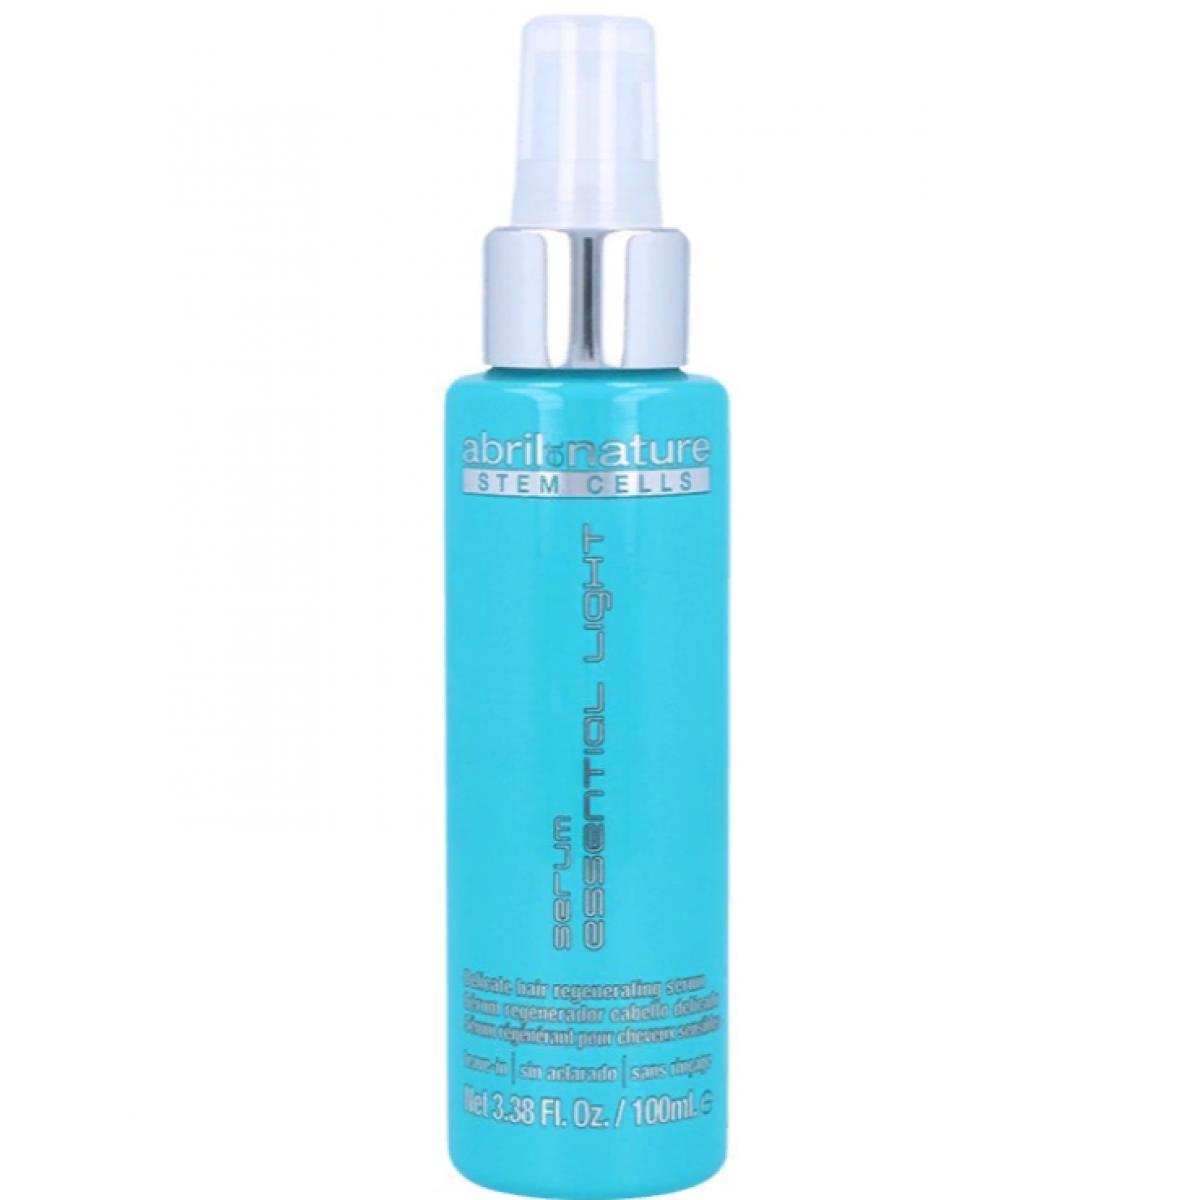 Сироватка для тонкого і ламкого волосся Abril et Nature Stem Cells Bain Serum Essential Light 100 мл